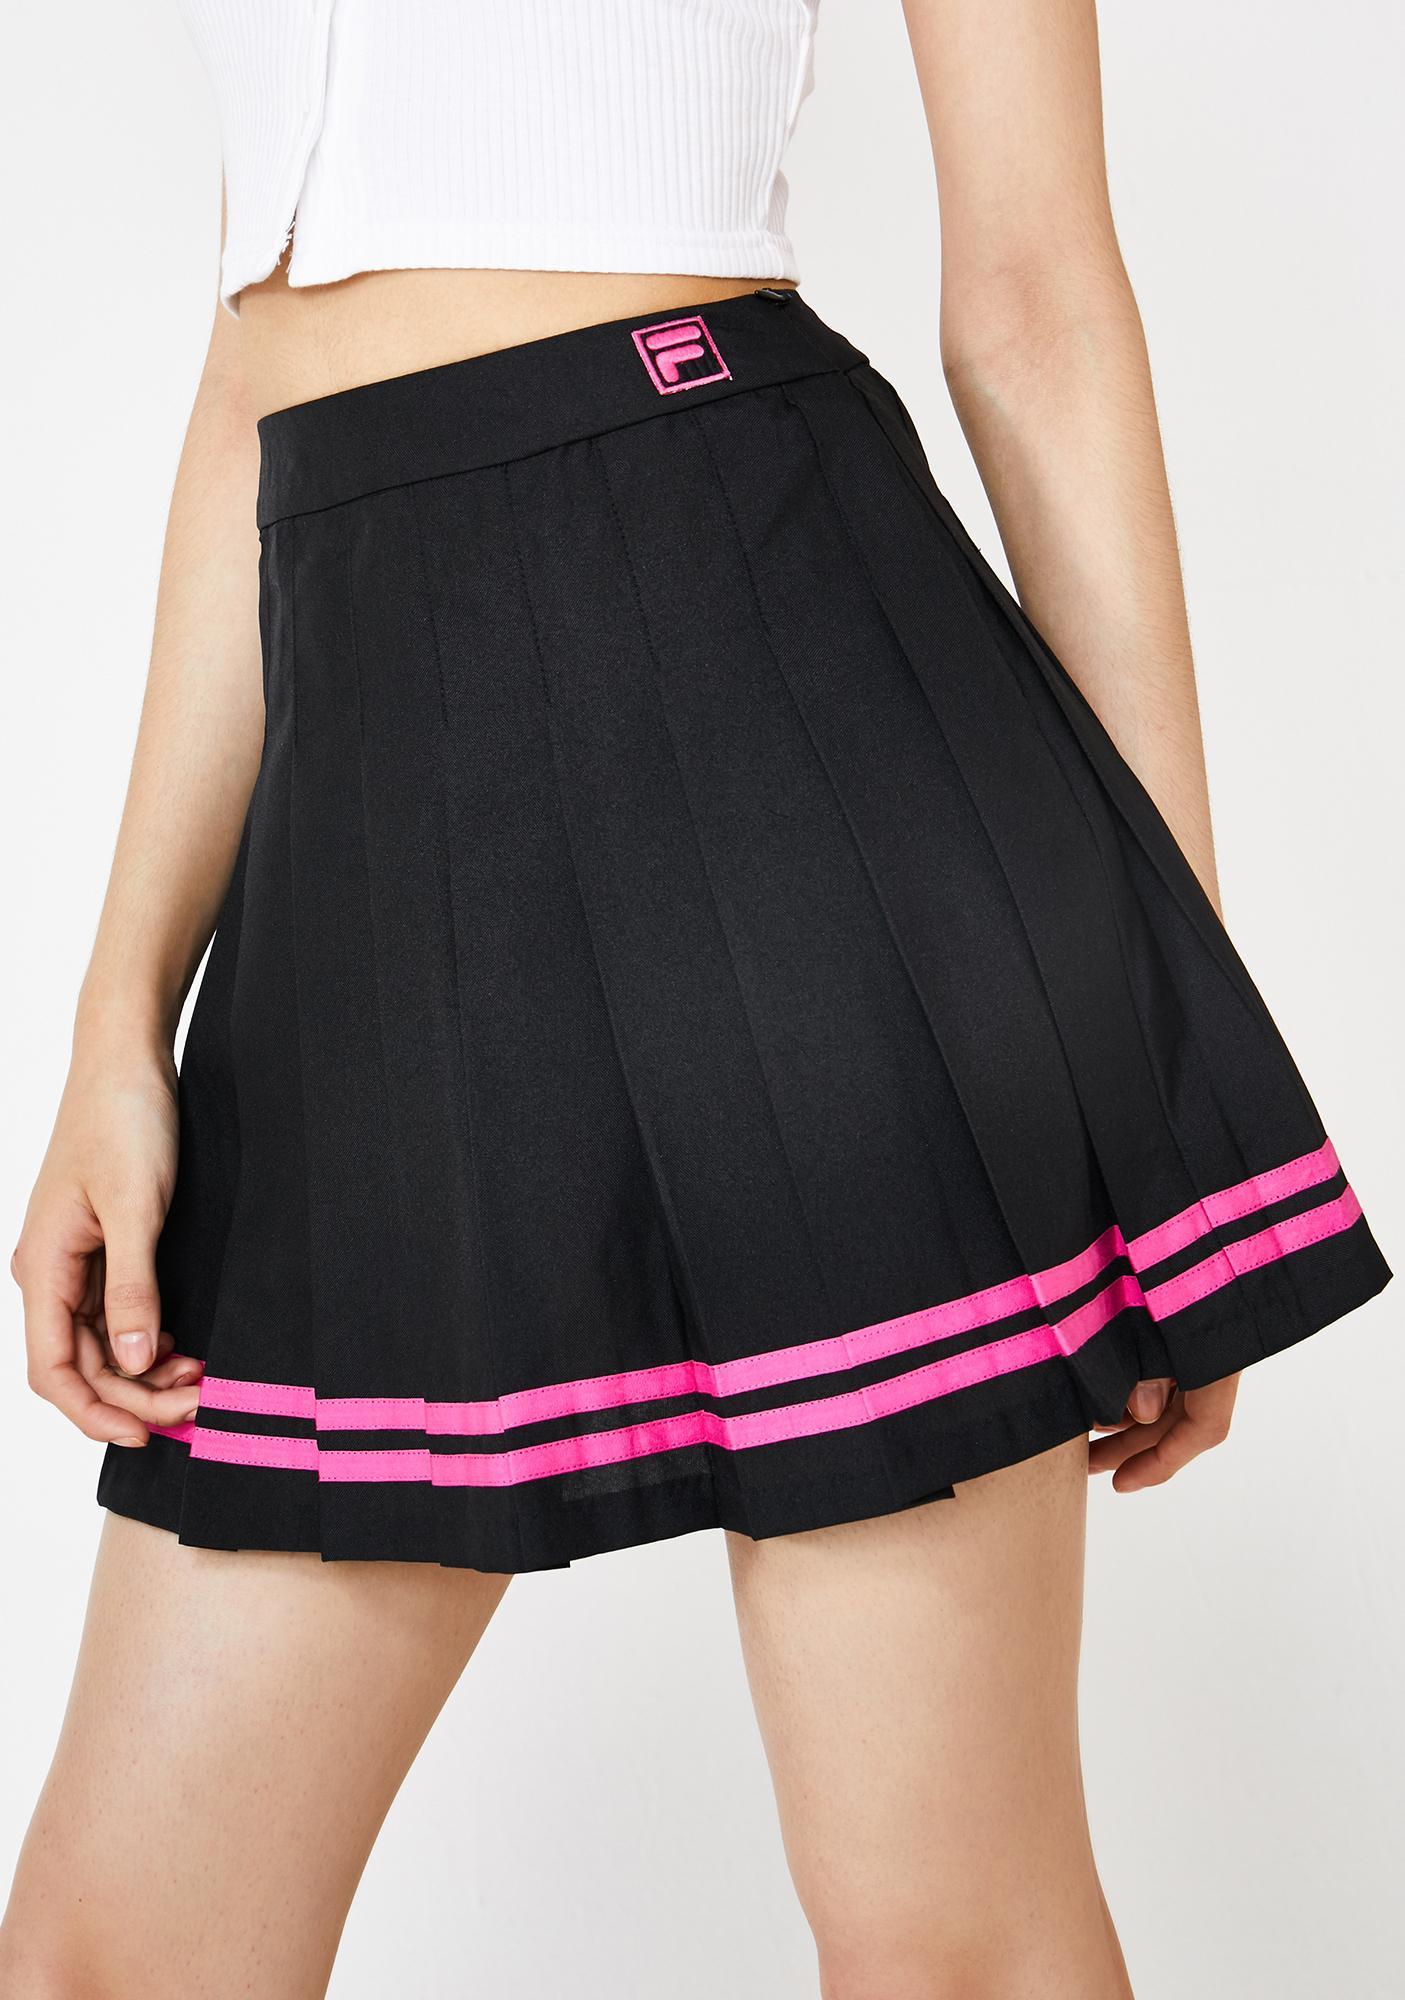 Fila Palma Pleated Tennis Skirt